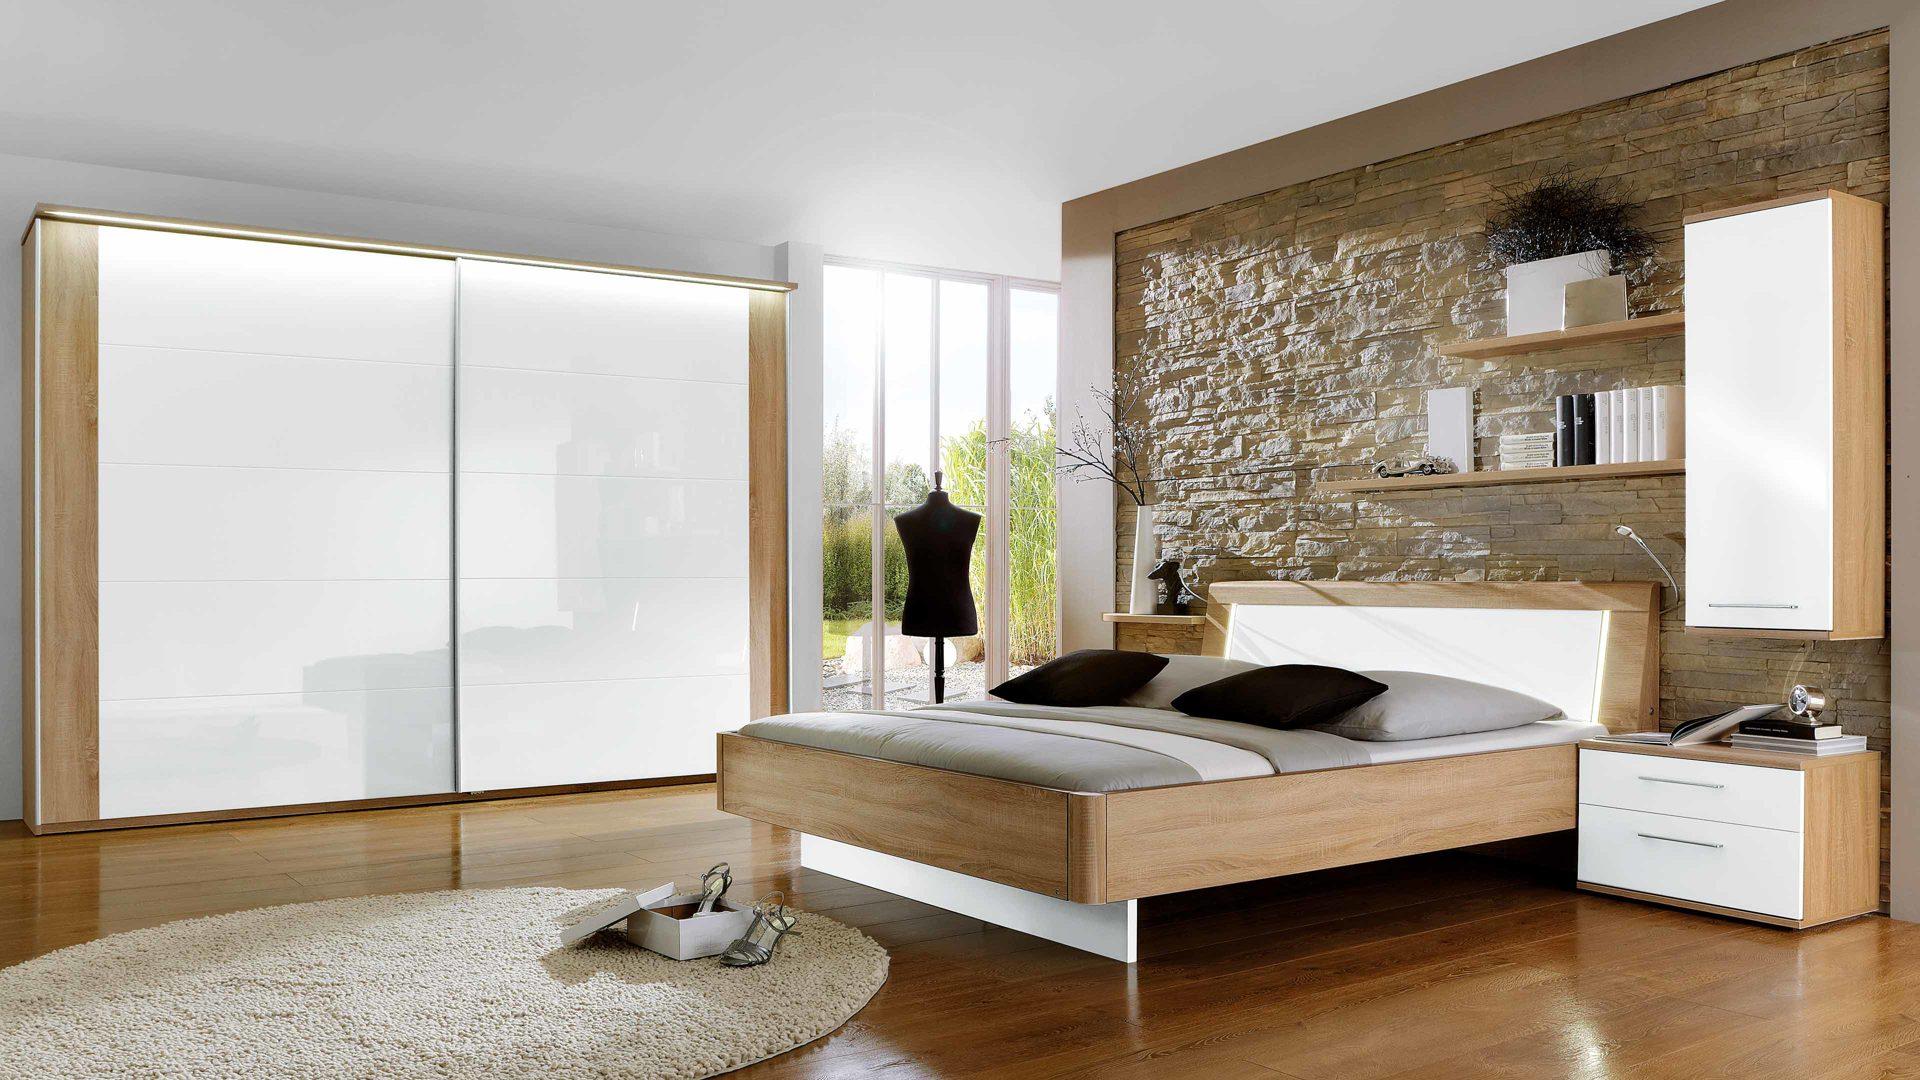 GroBartig Komplettzimmer Loddenkemper | 474051 Aus Holz In Holzfarben Hell Weiß  Modernes PARTNERRING COLLECTION Schlafzimmer Weiße Lack